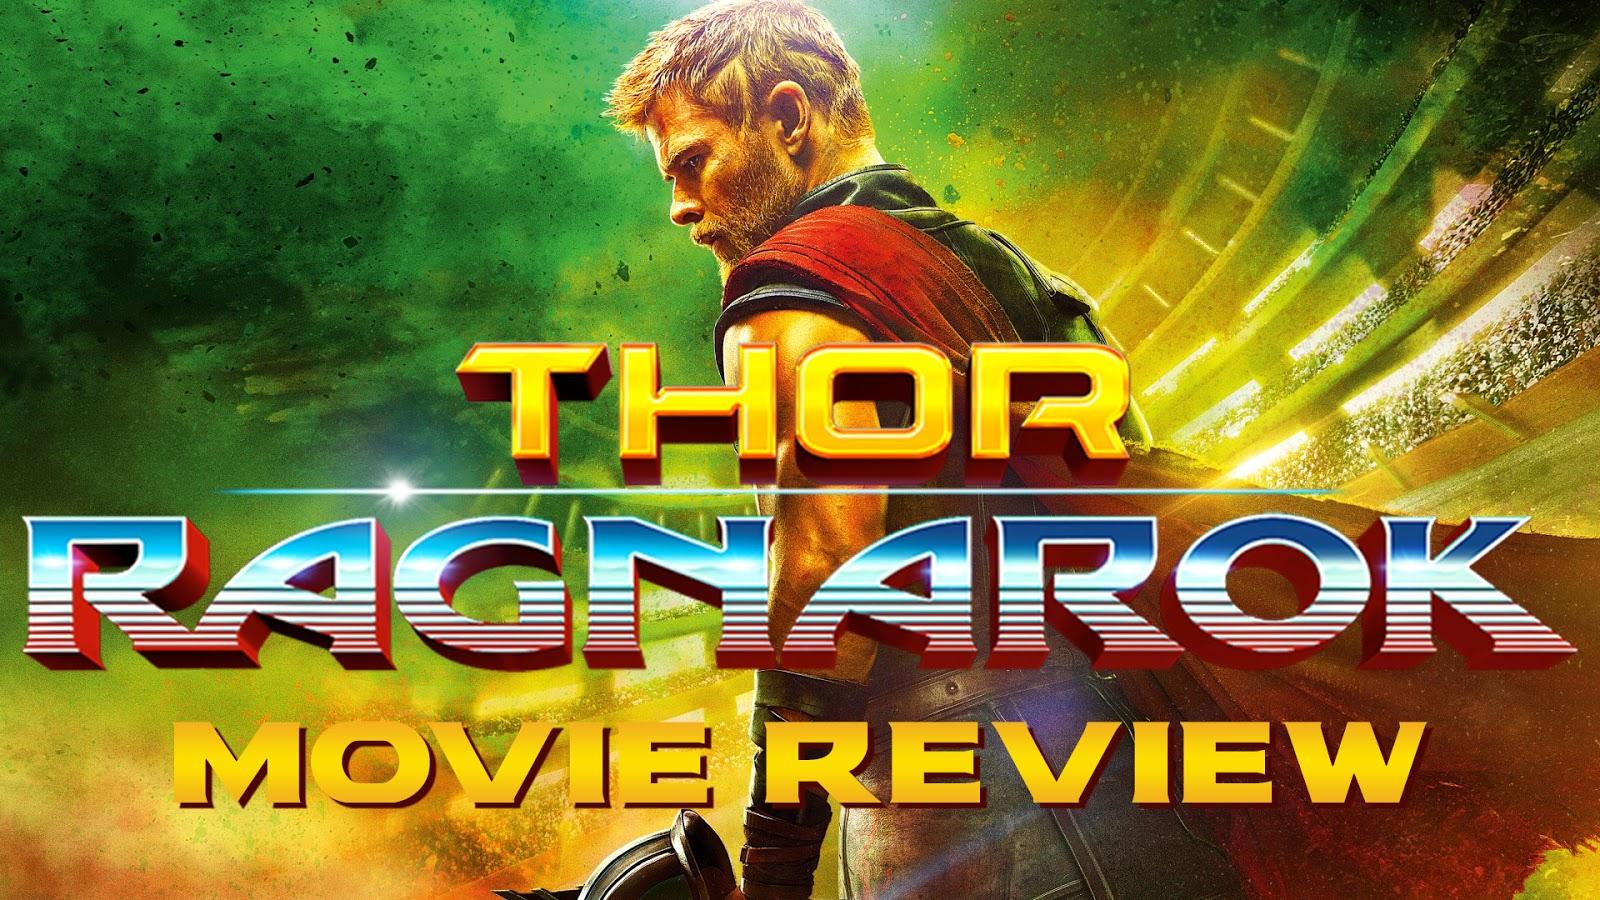 movie review THOR: RAGNAROK podcast